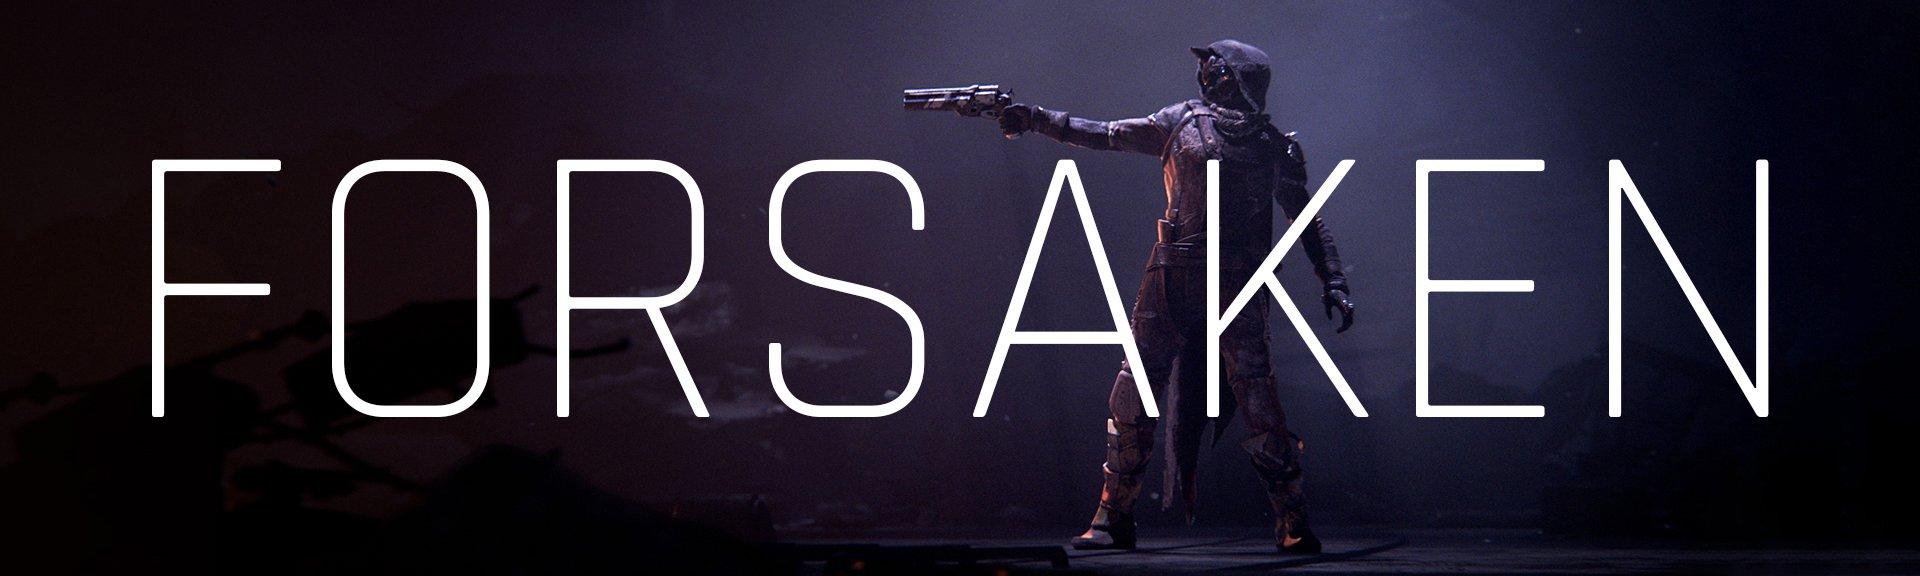 destiny-2-forsaken-guide-header-font.jpg